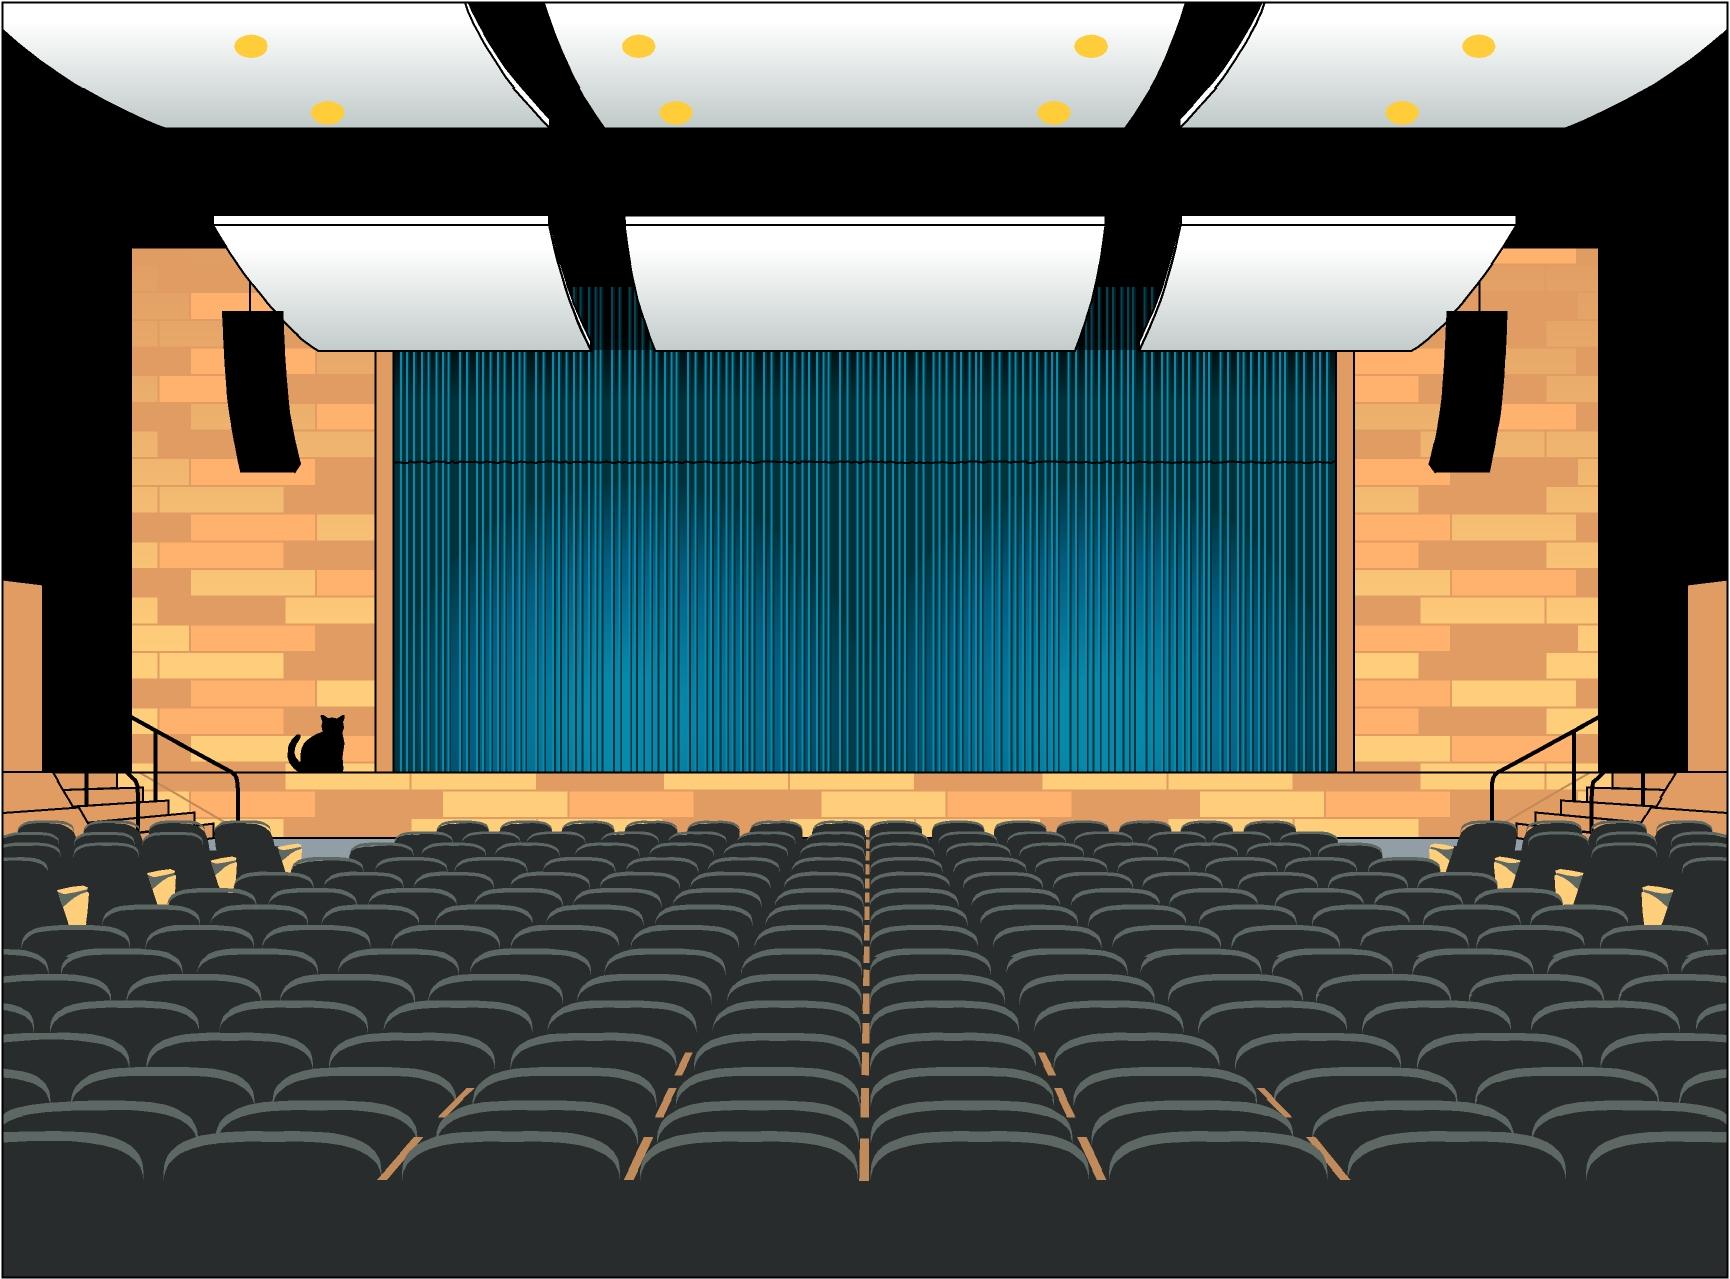 Auditorium - Front